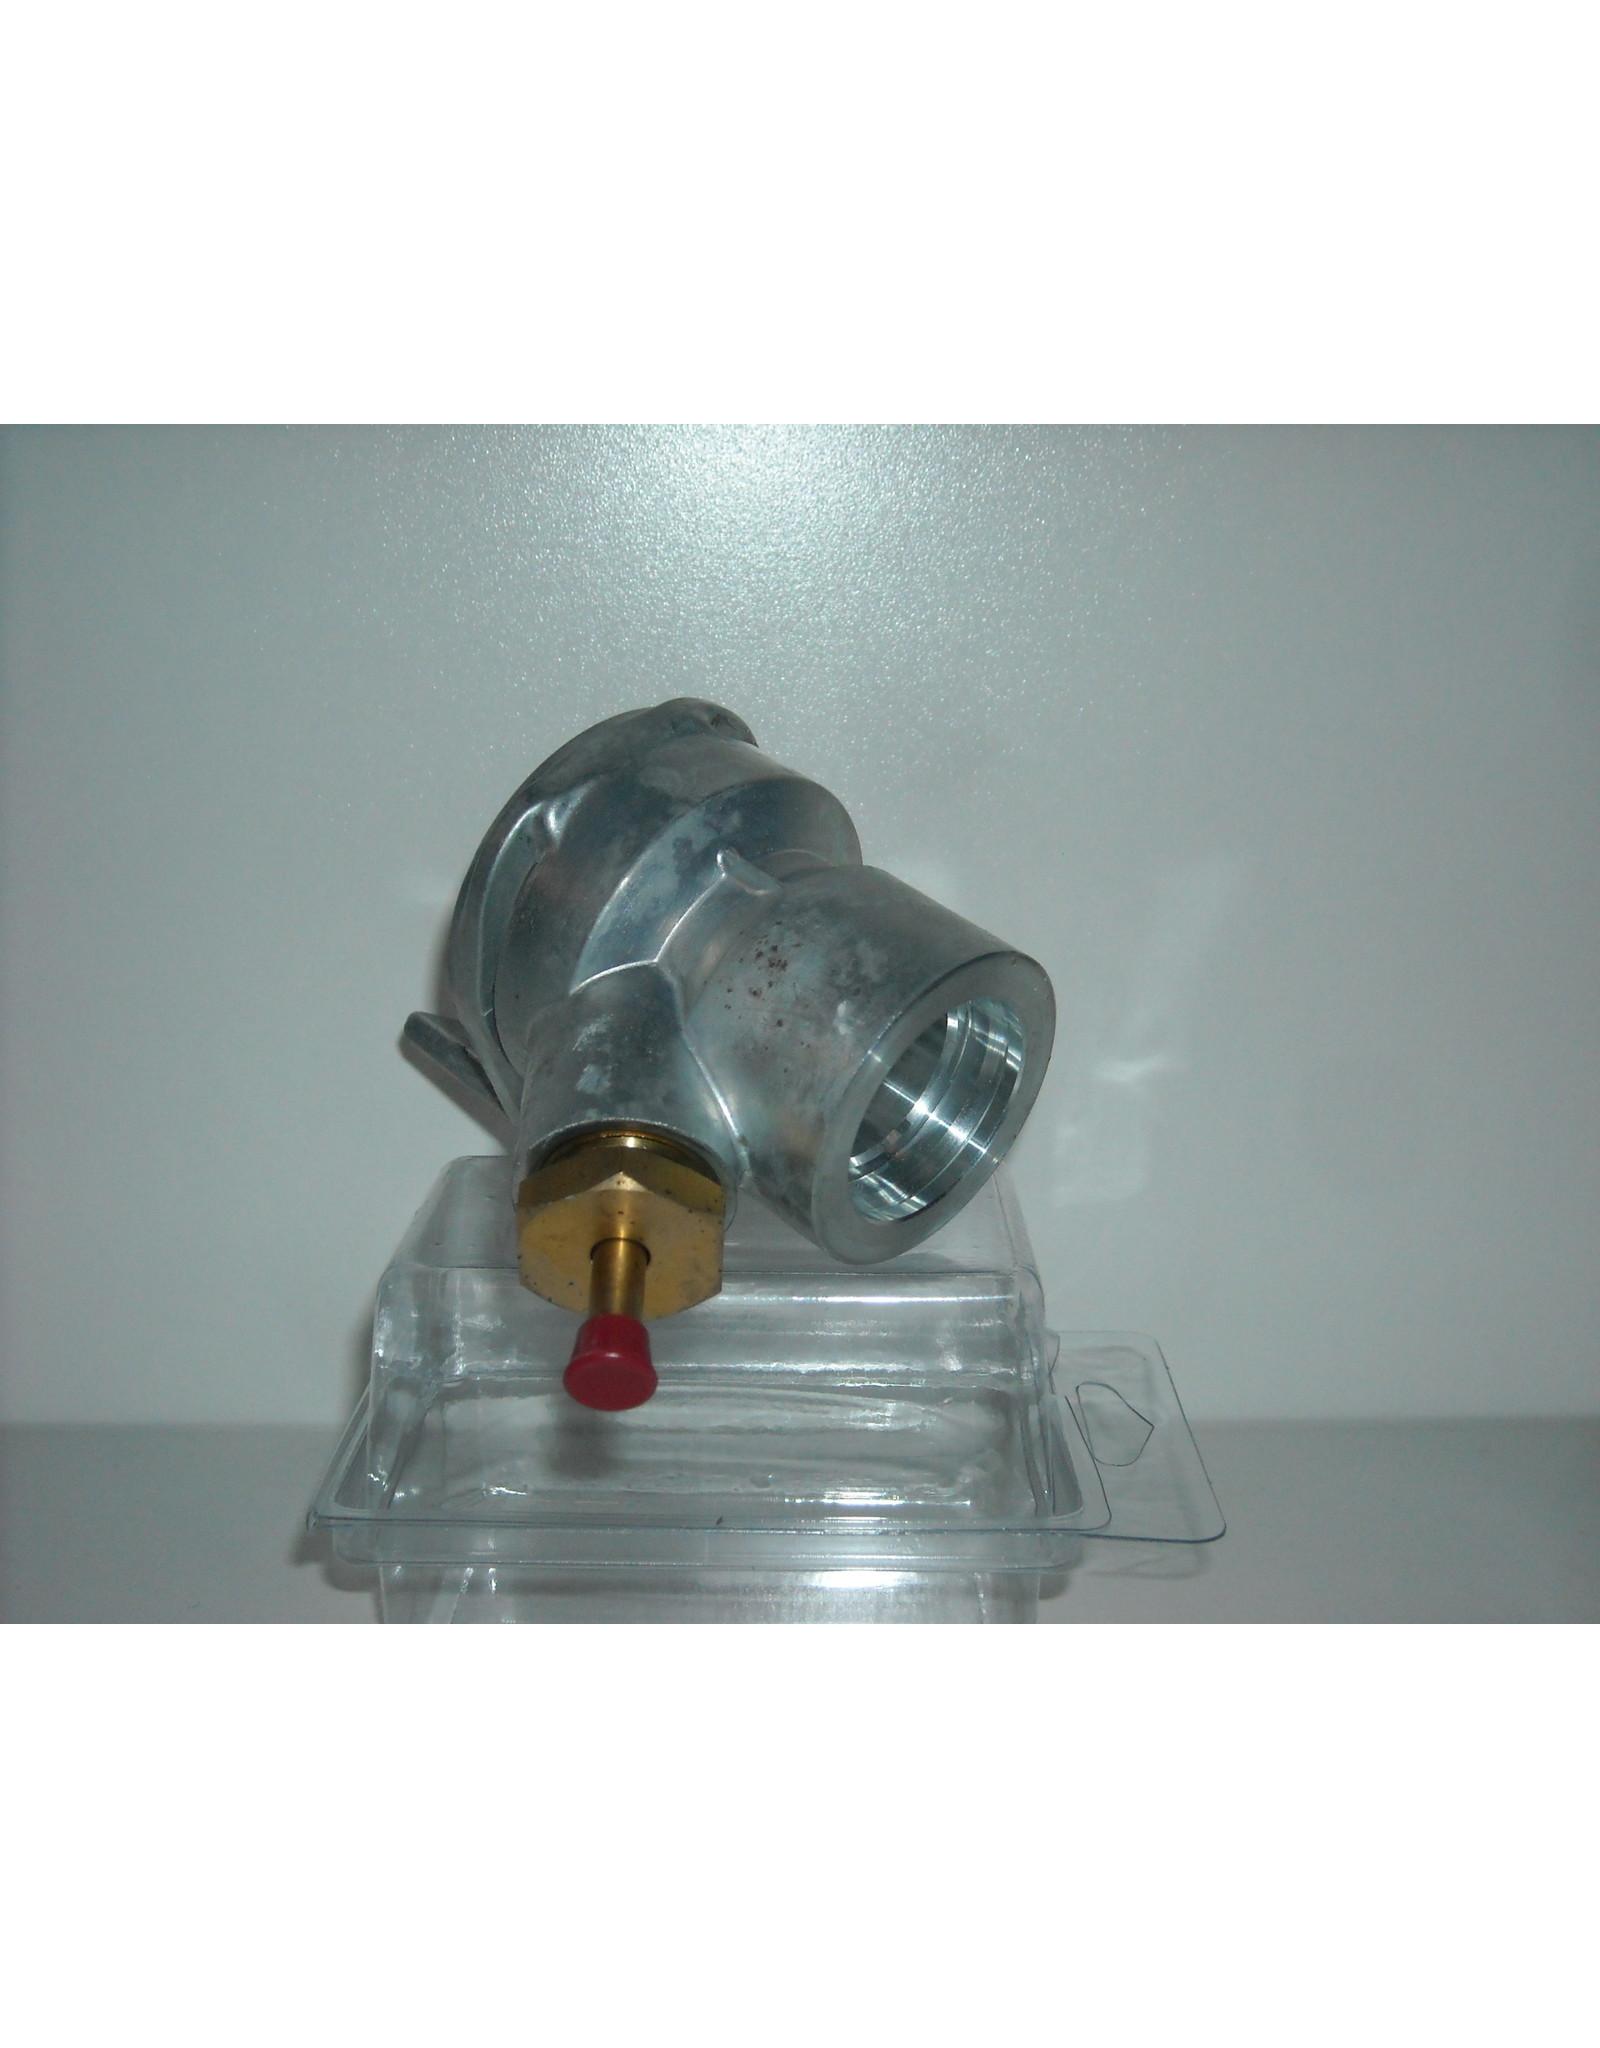 Titan Copy of 805-216A Pusher Assembly Kit